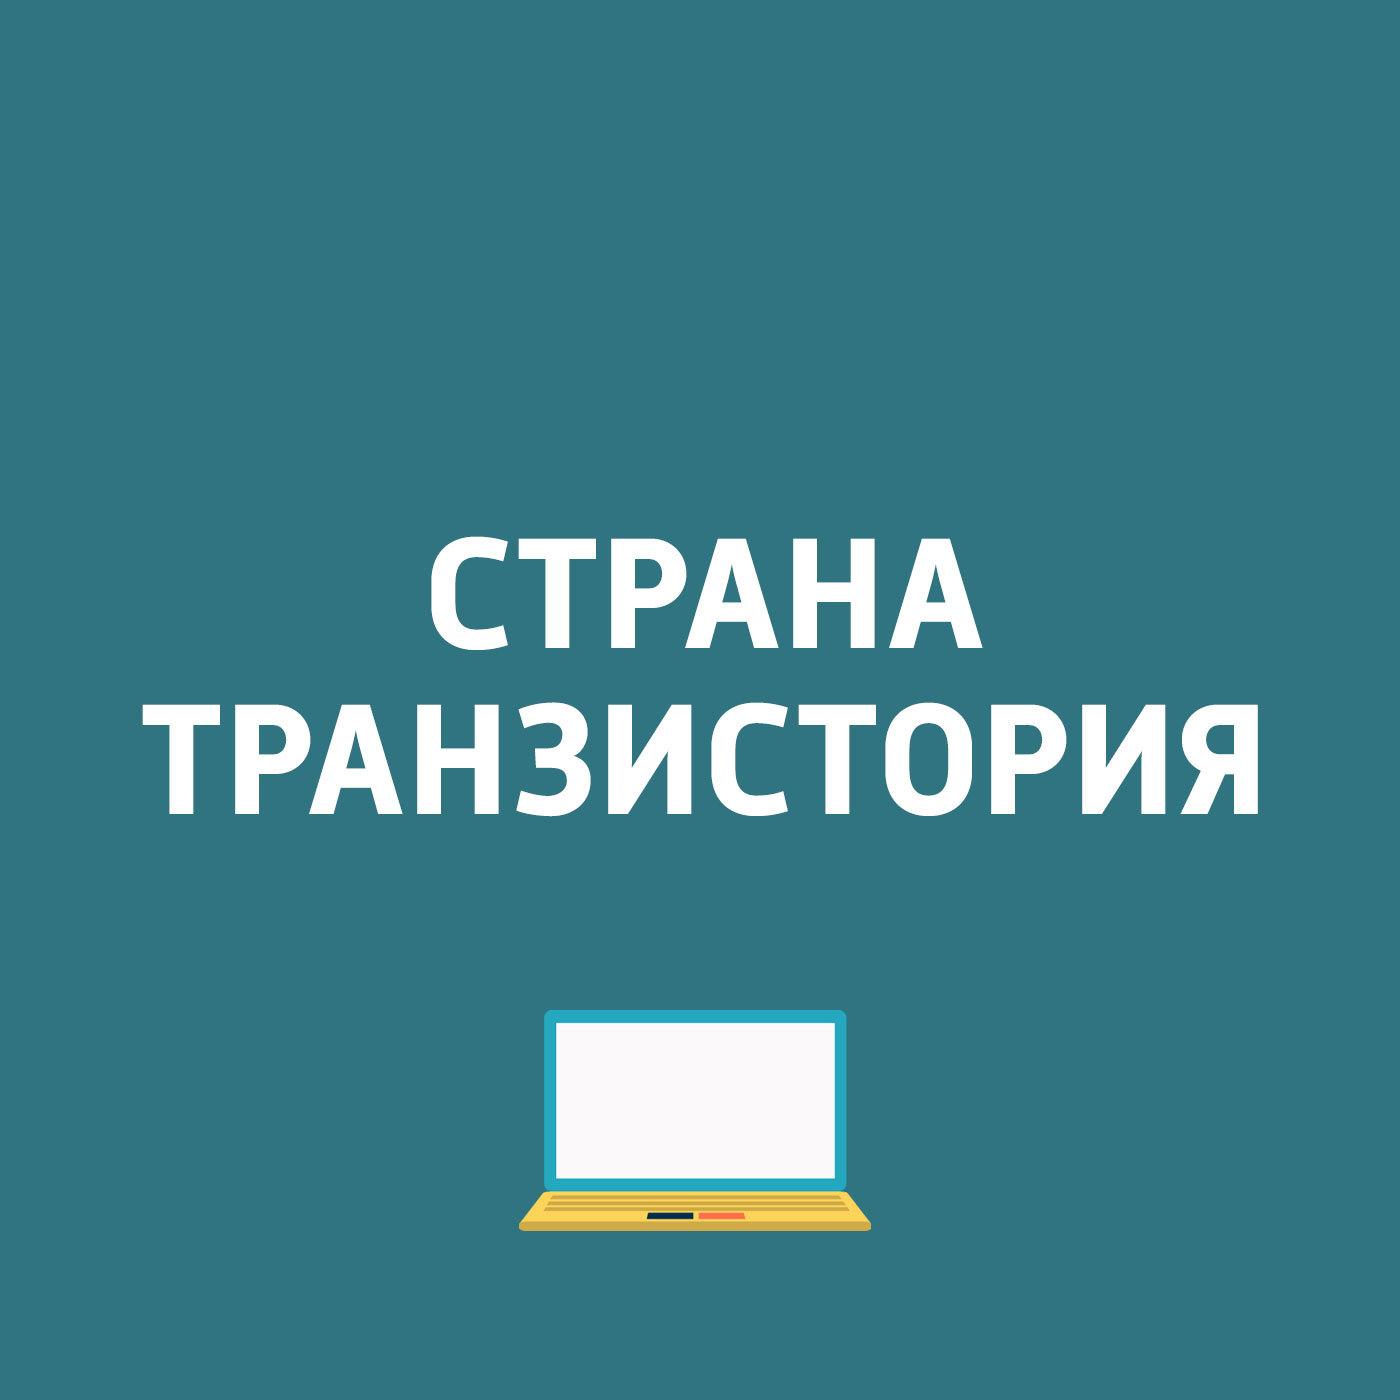 Картаев Павел Самсунг начнет продажи Galaxy Note 7 одновременно с iPhone 7... картаев павел в конце сентября в москве продет очередной игромир и comic con russia